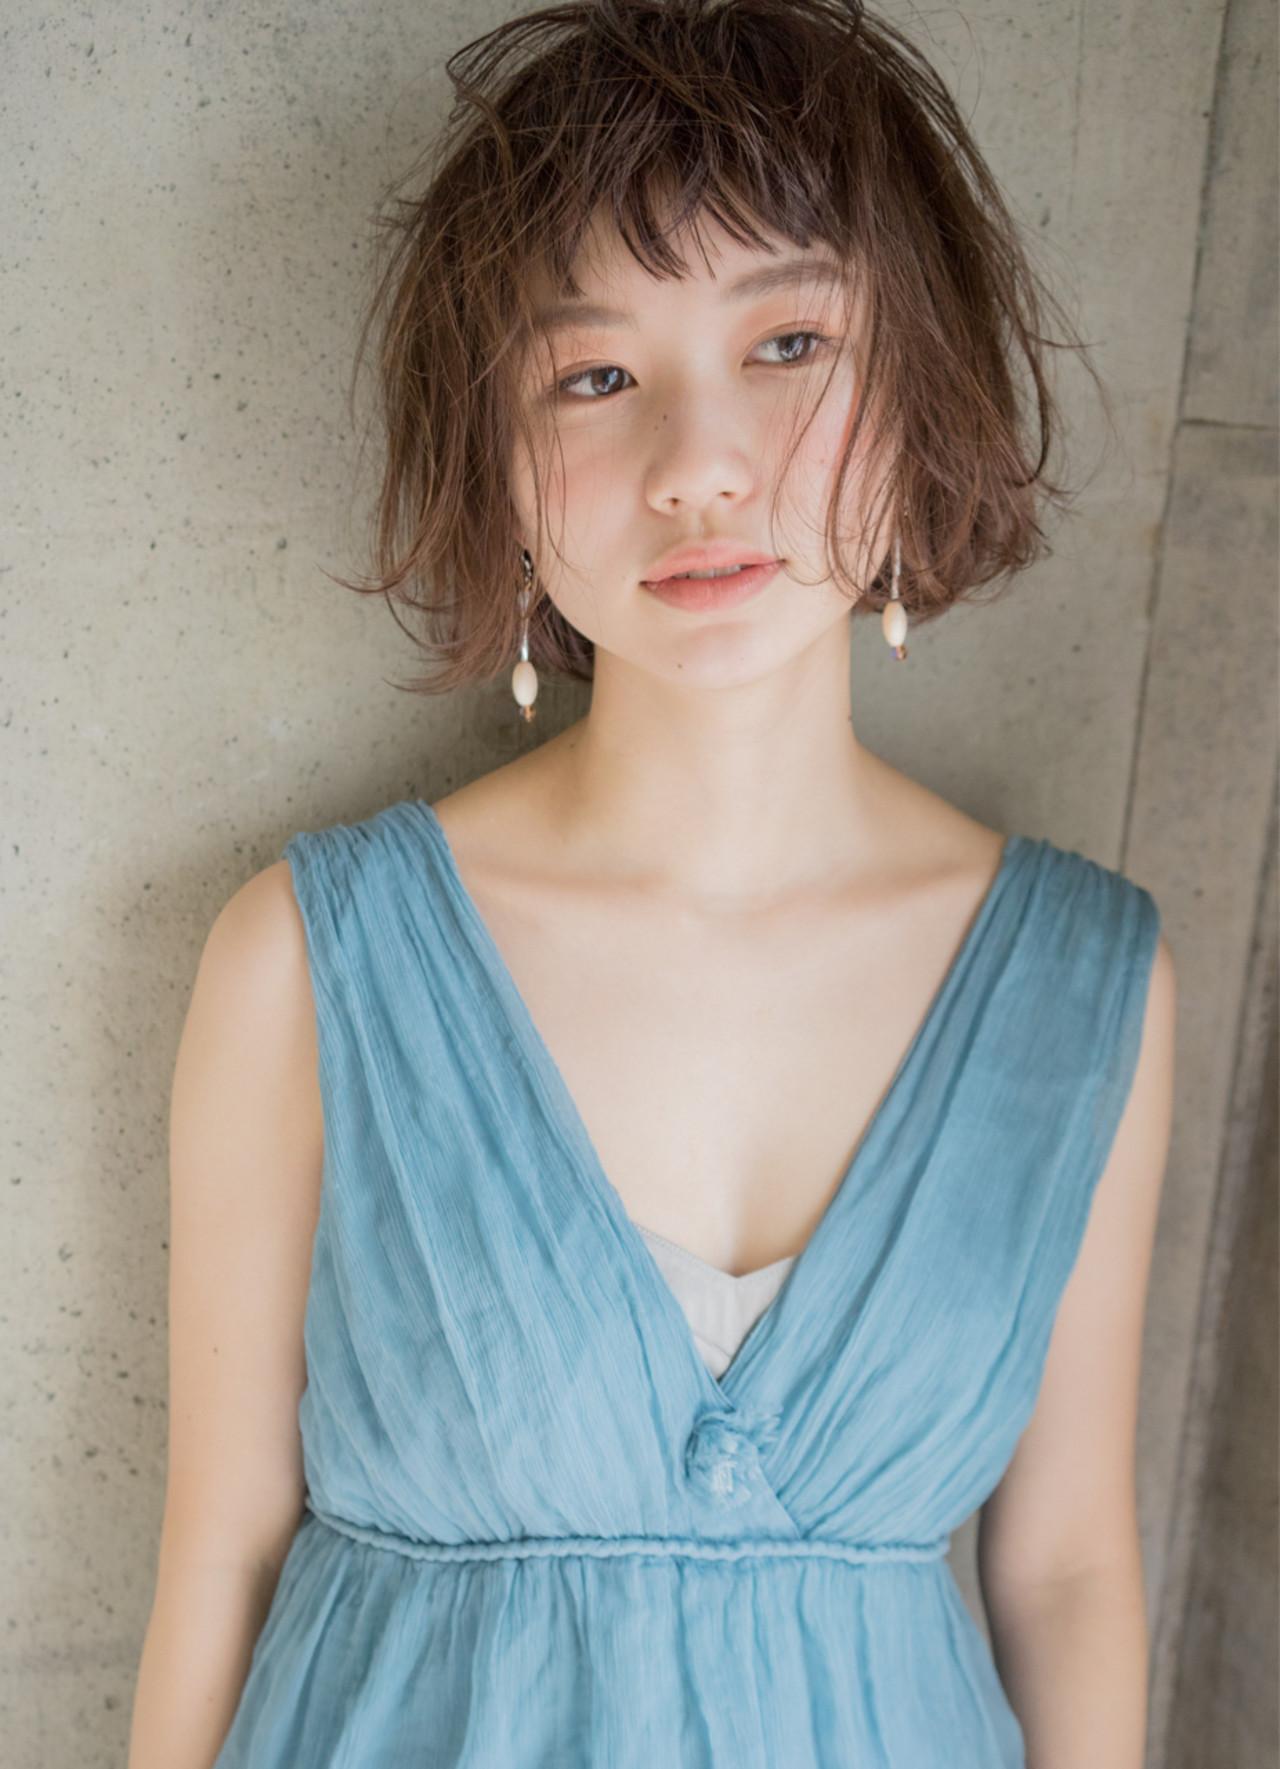 大人女子 小顔 外国人風 ニュアンス ヘアスタイルや髪型の写真・画像 | 祖父江基志 / NOESALON